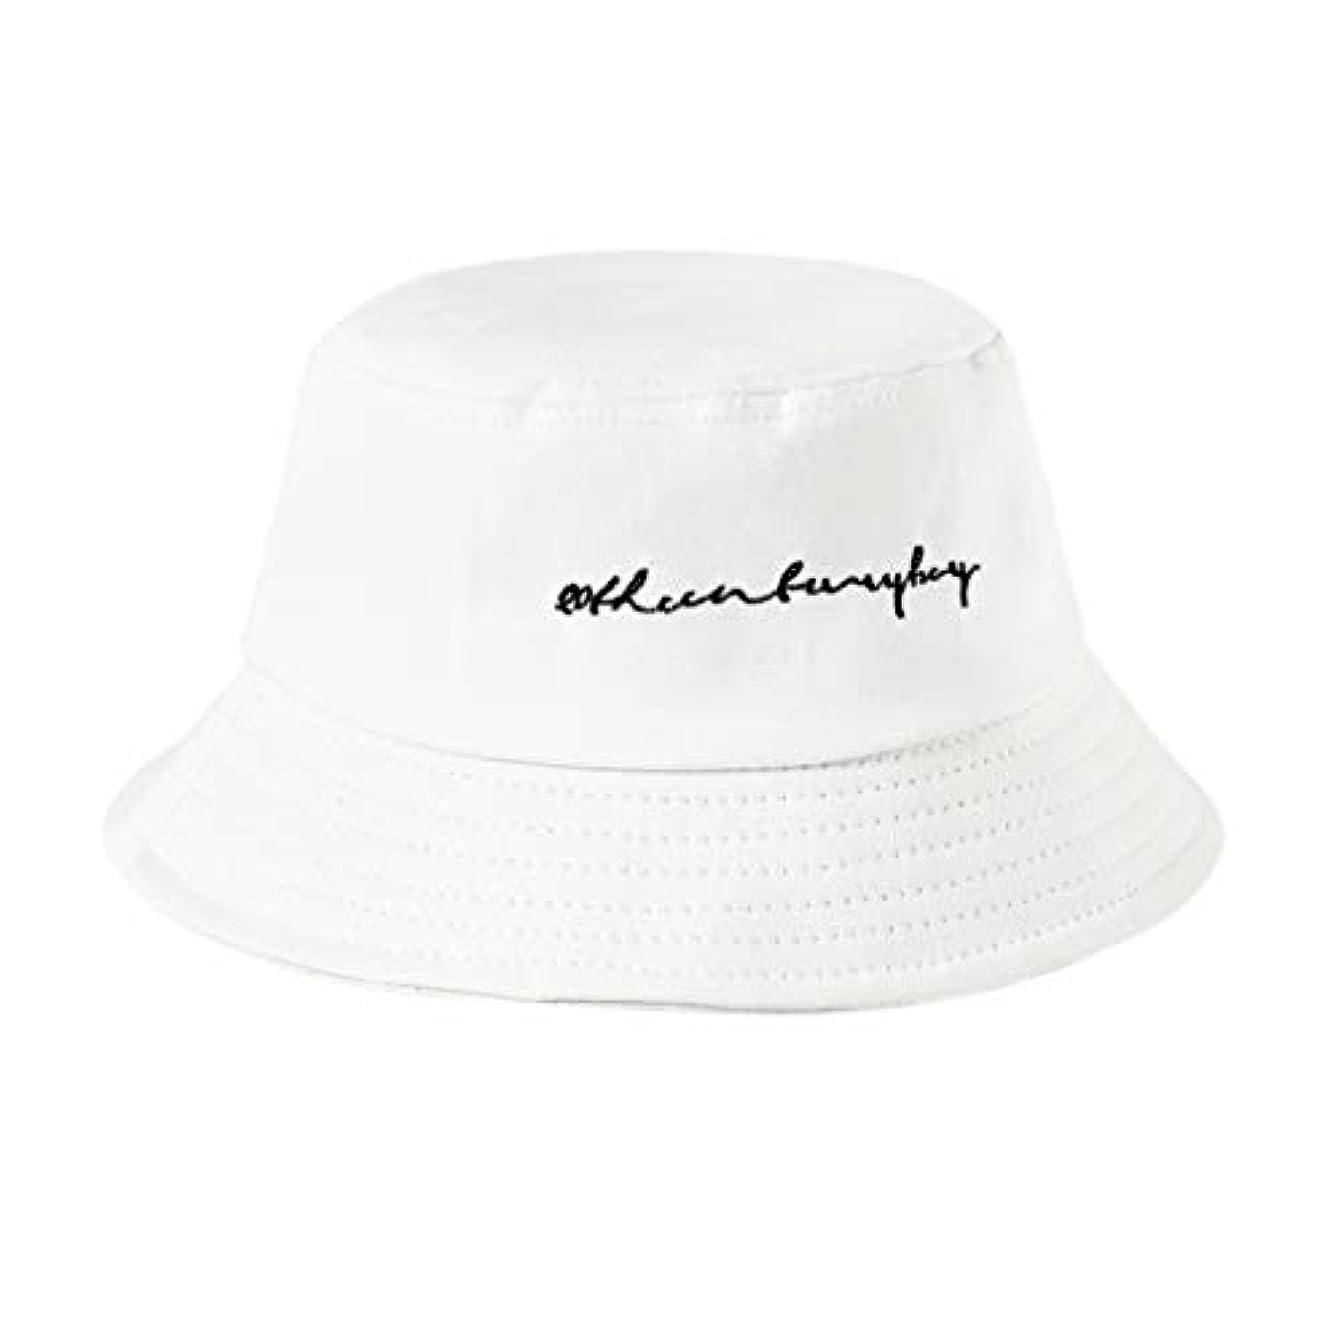 乳白色スープ晩ごはんManyao 22色女性女の子面白い刺繍手紙広いつばバケツ帽子夏カジュアル原宿ヒップホップ学生スポーツ漁師キャップ